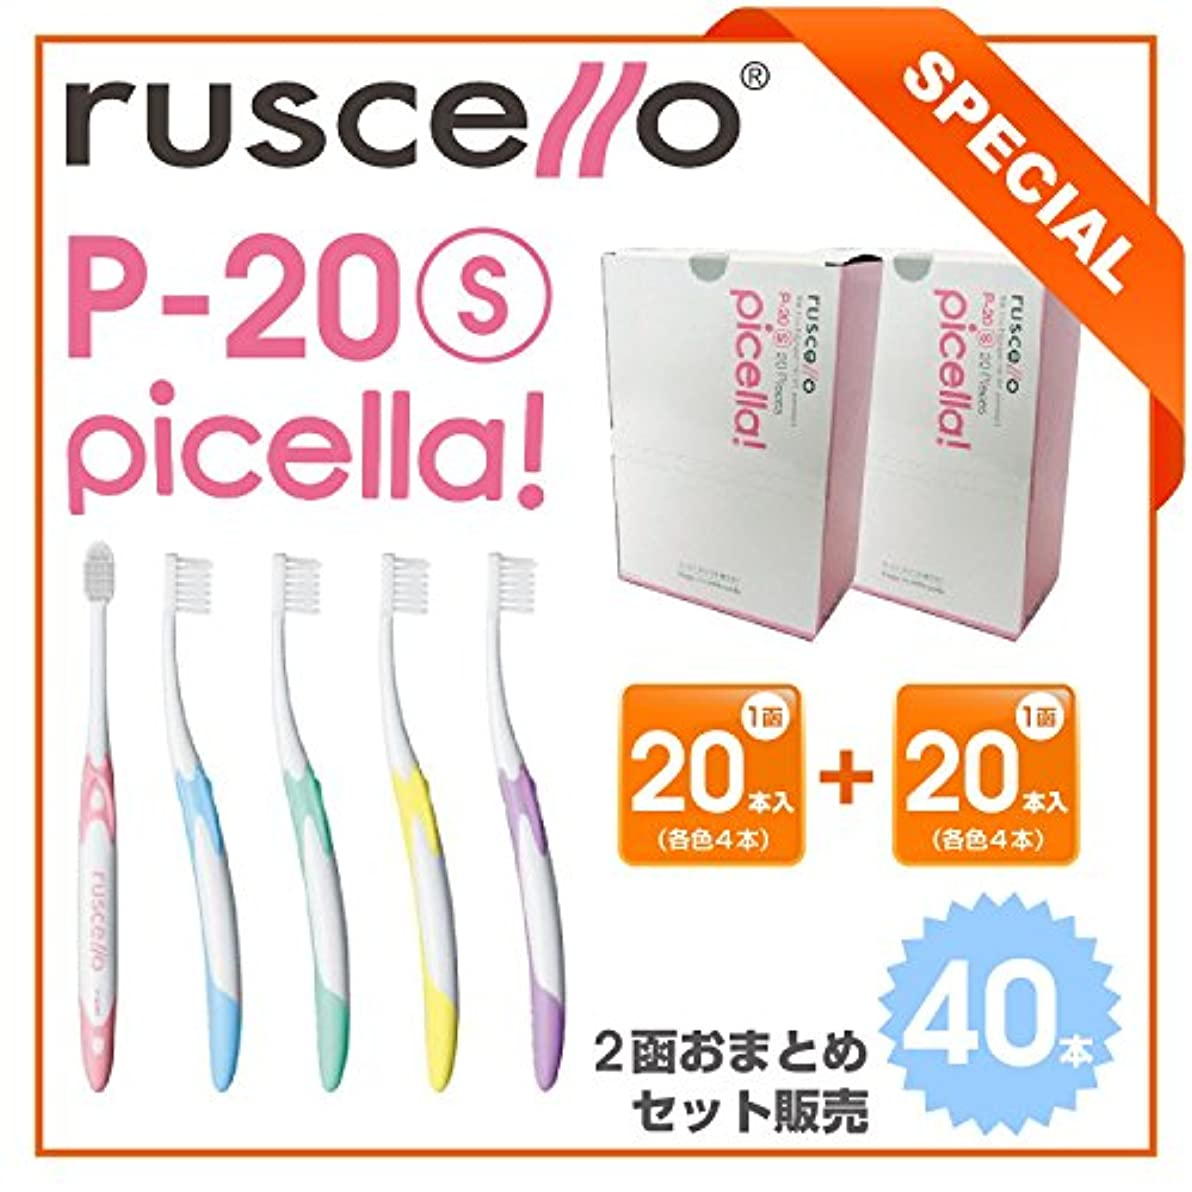 ライバル一目取るGC ジーシー ルシェロ歯ブラシ<P-20>ピセラ S やわらかめ 1函20本入×2函セット